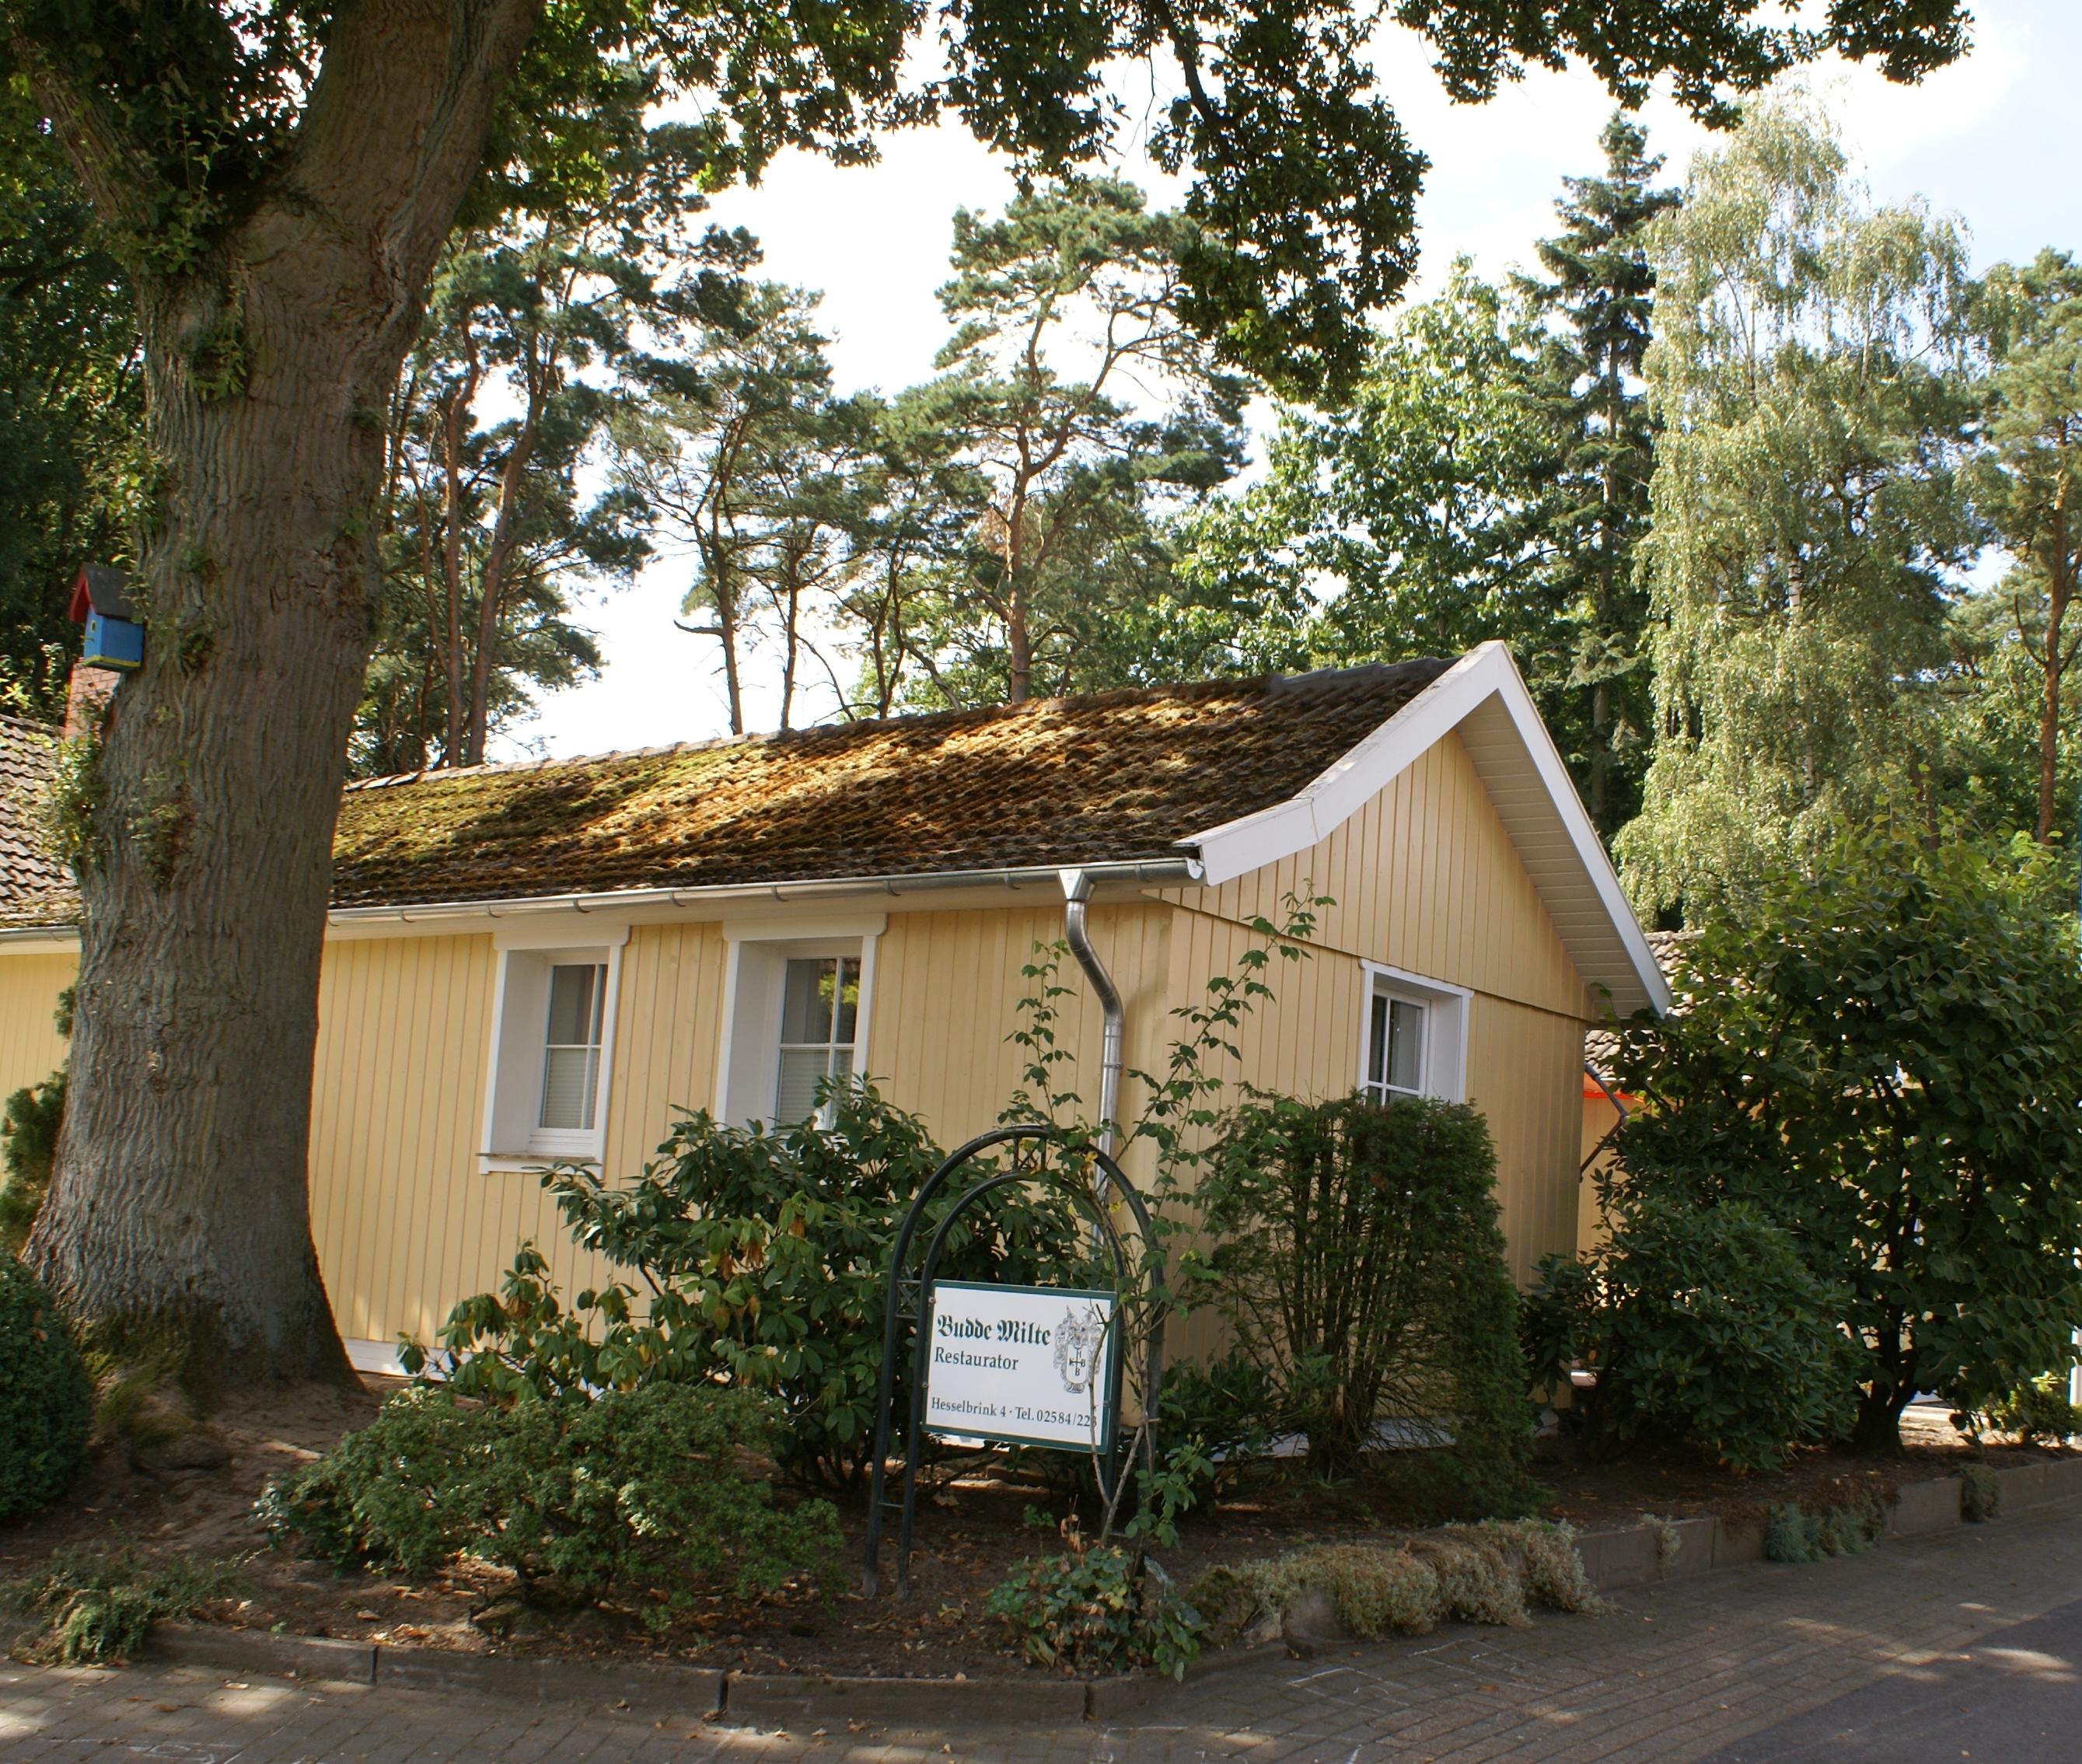 Ferienwohnung Hesselstudio, (Warendorf-Milte). Appartement, 42 qm , 1-3 Pers. (1061623), Warendorf, Münsterland, Nordrhein-Westfalen, Deutschland, Bild 1